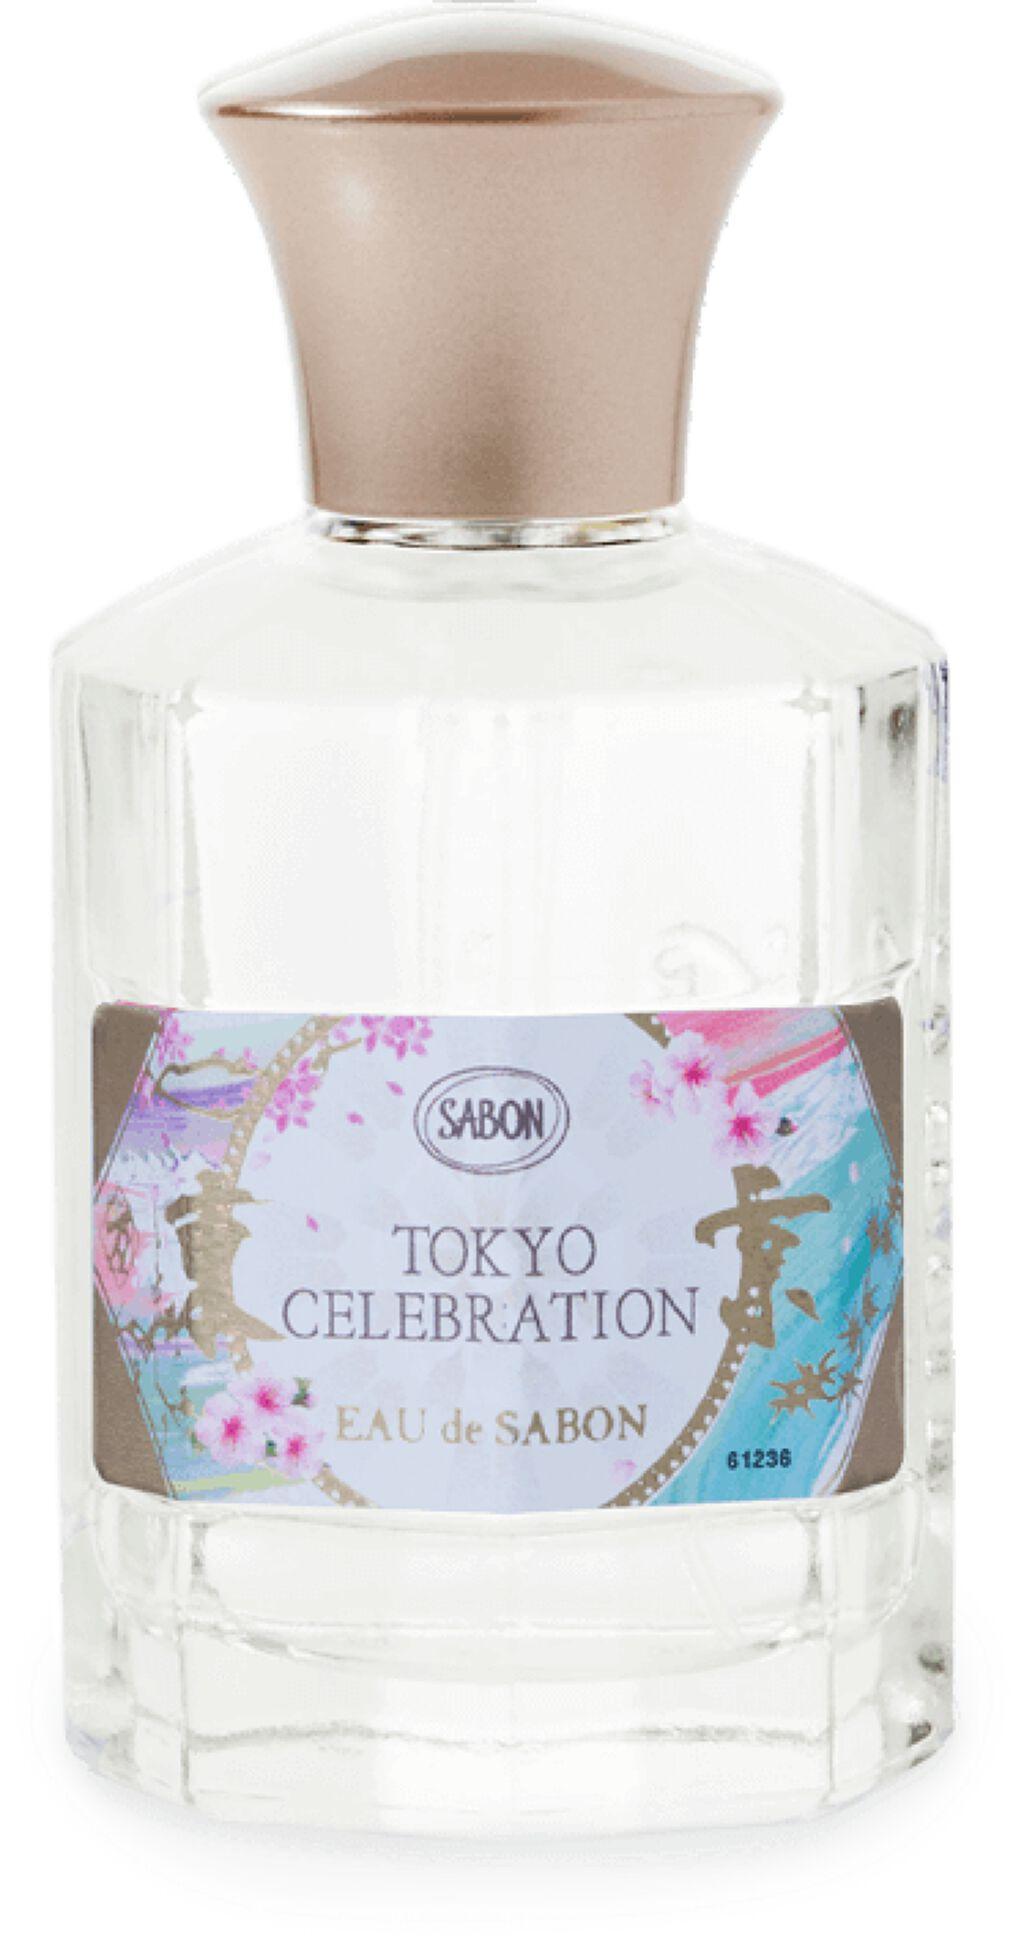 オー ドゥ サボン TOKYO CELEBRATION SABON